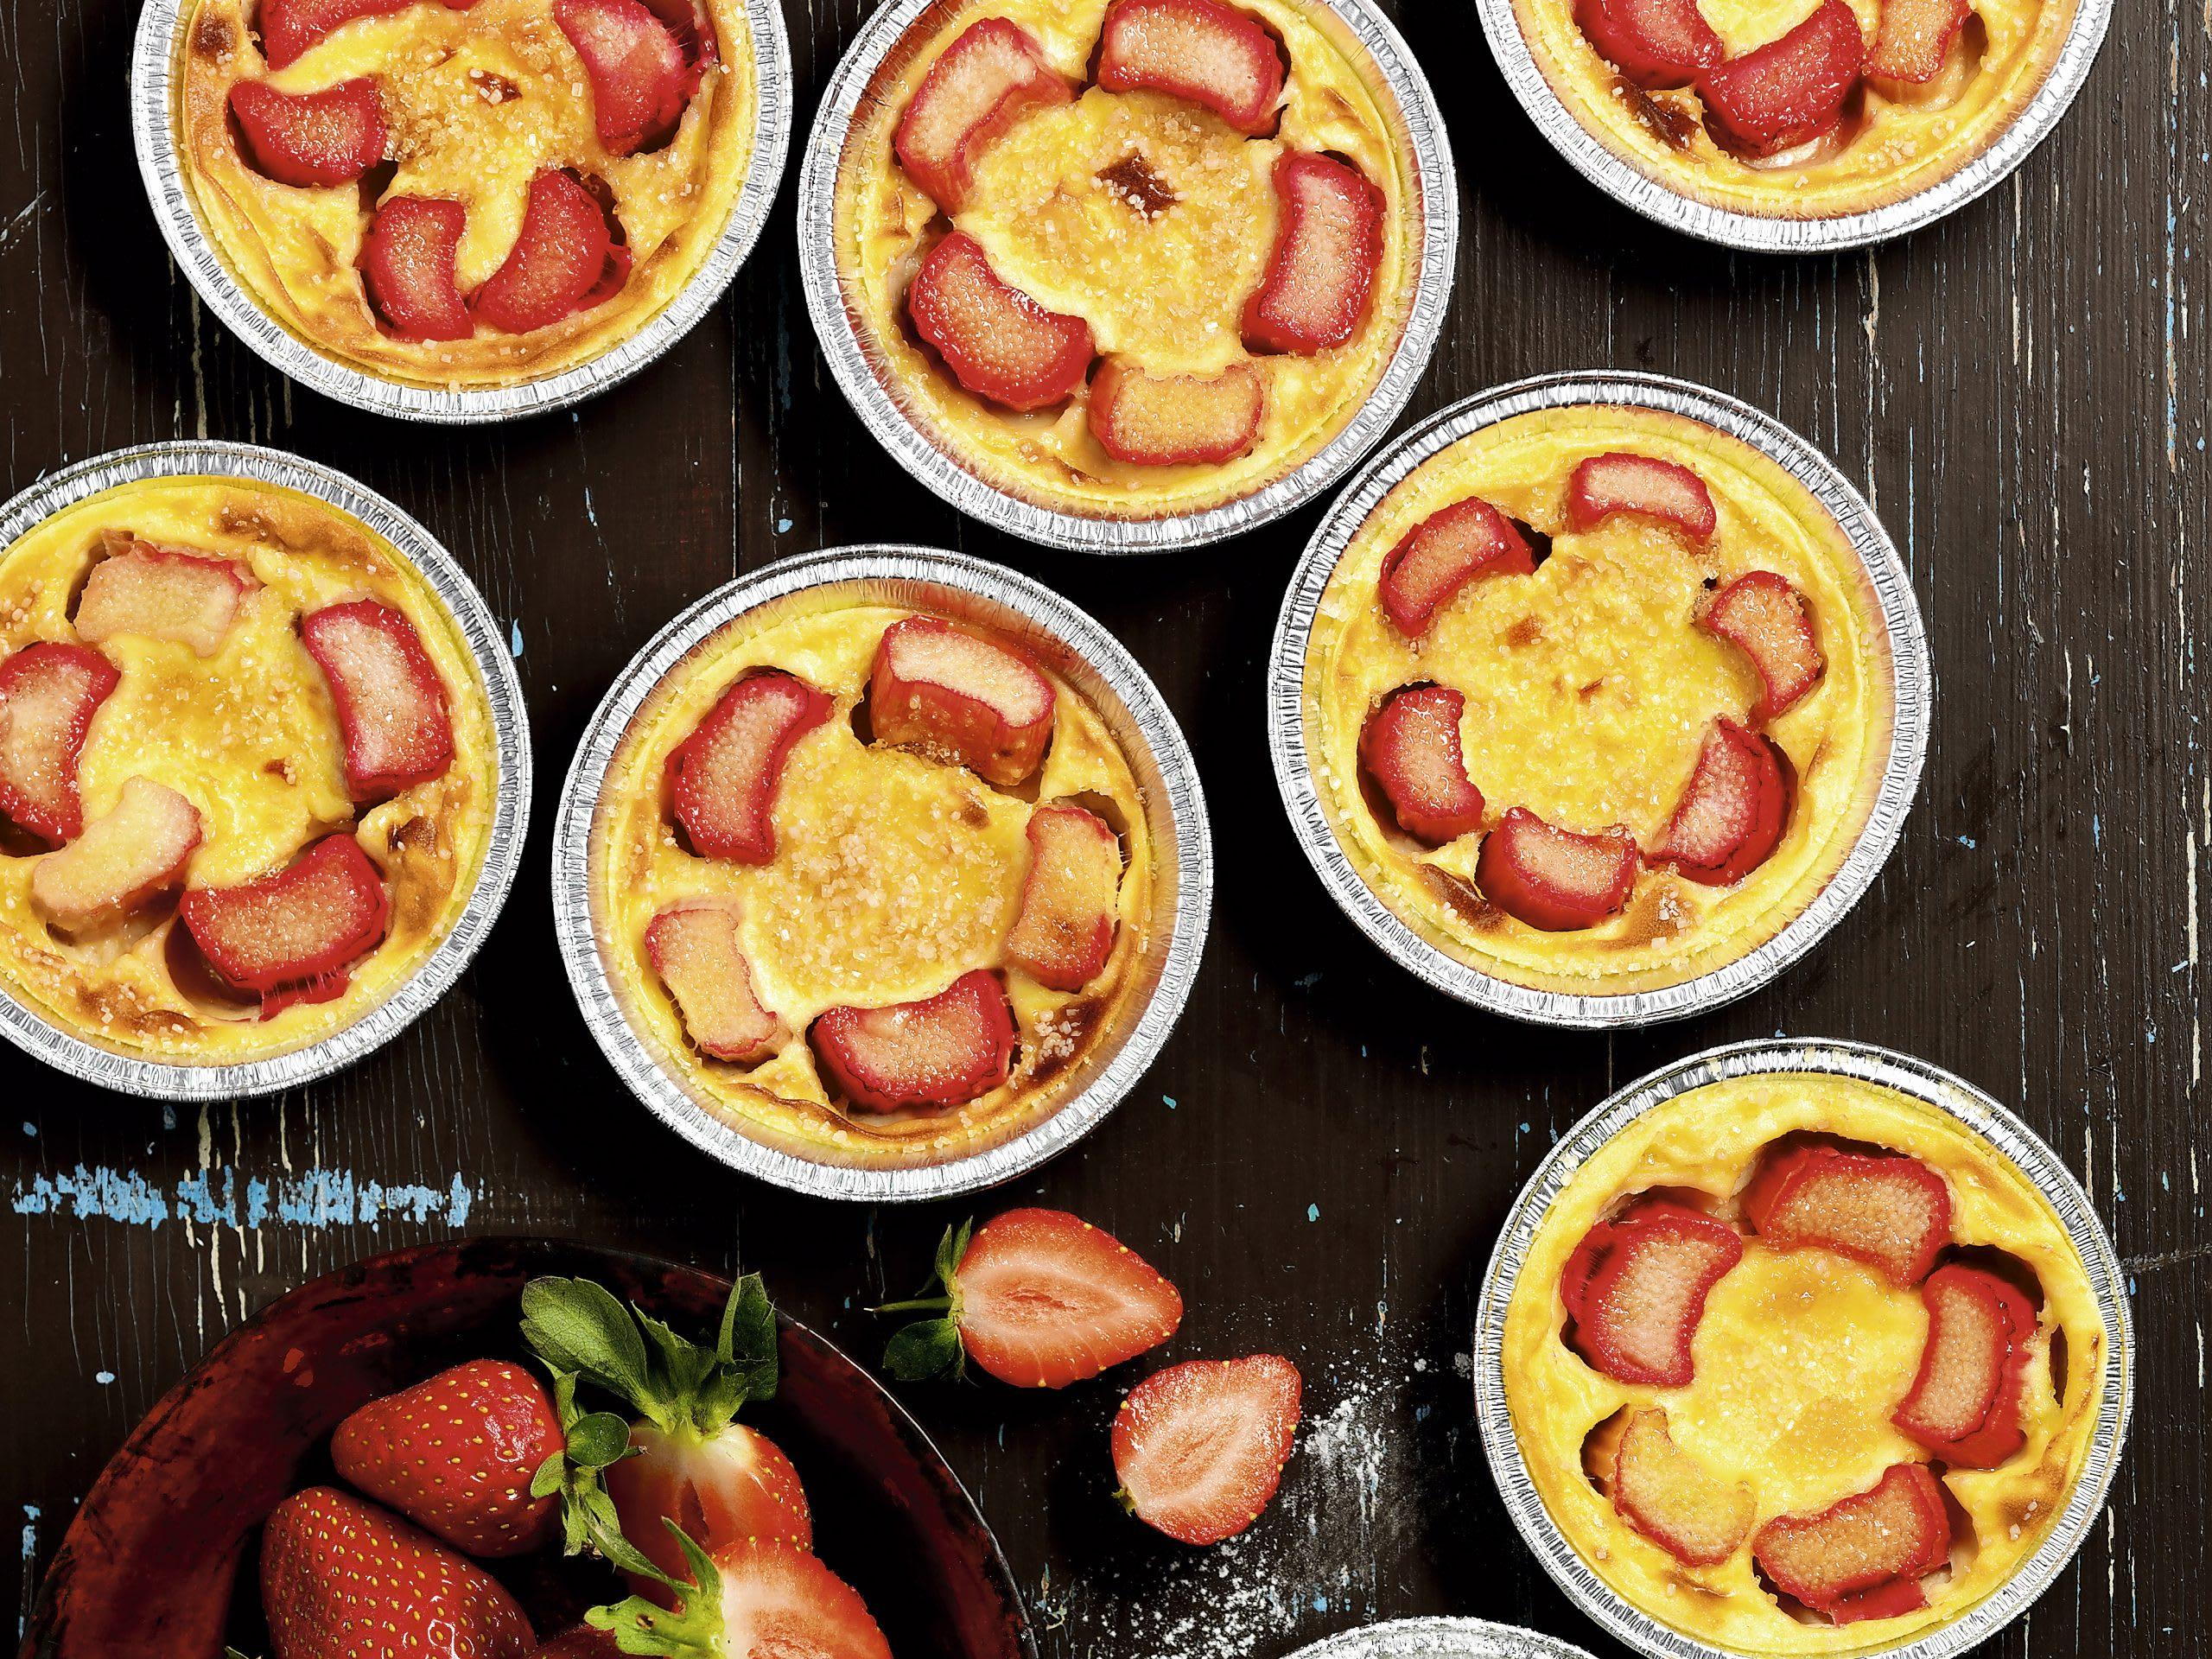 Rhabarber-Erdbeer-Clafoutis vom Grill